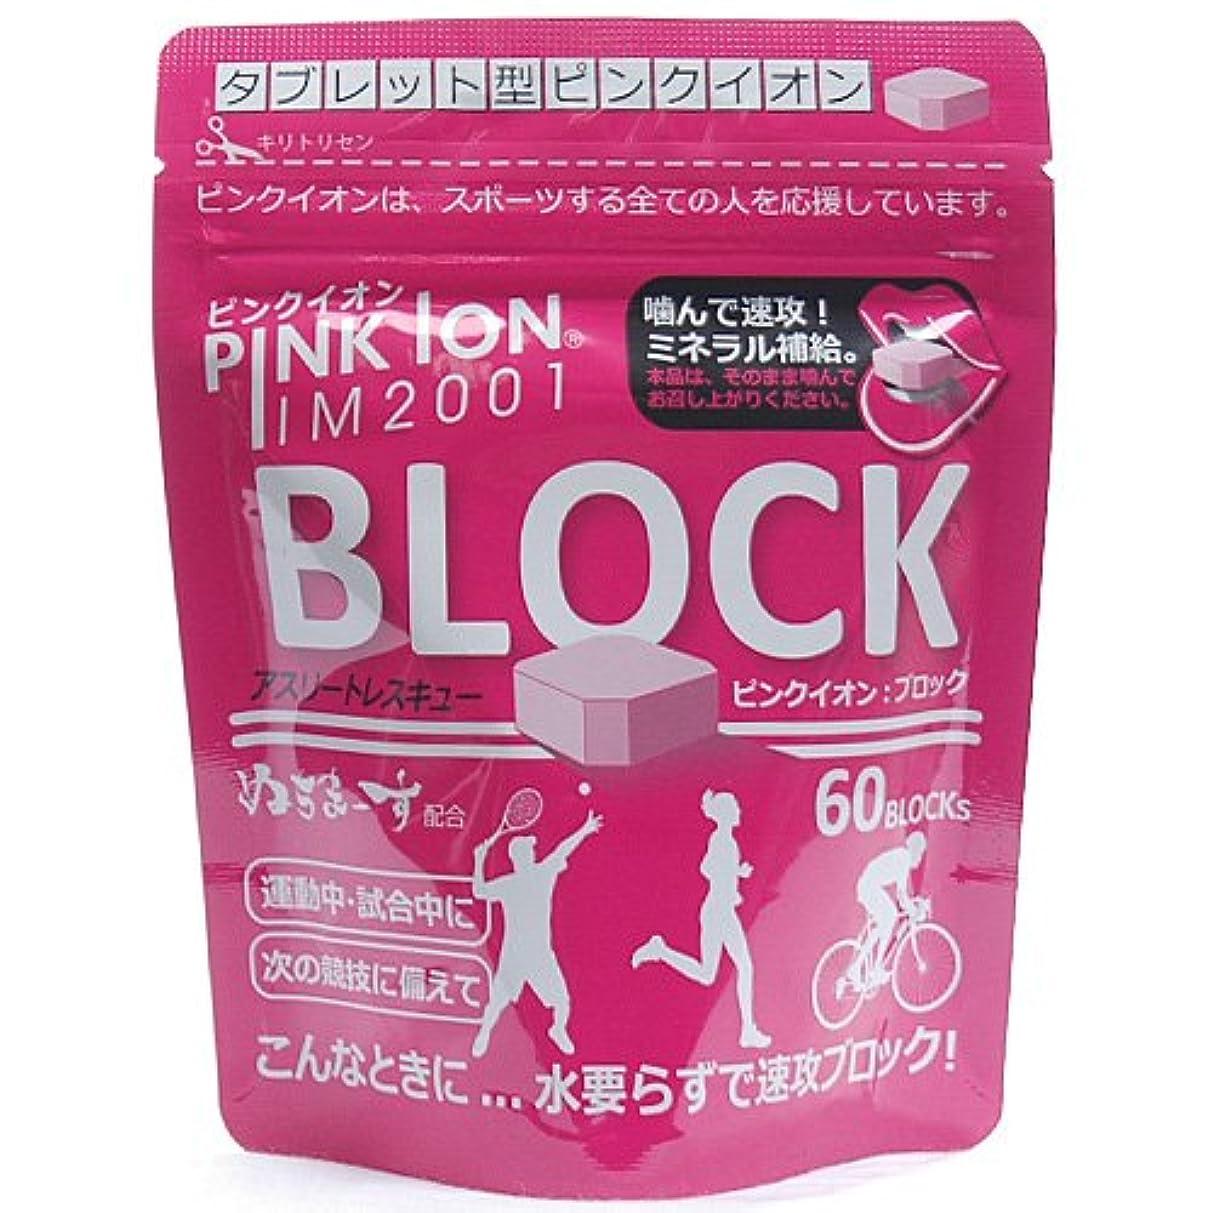 文房具セイはさておき動ピンクイオン ブロック 90g (1.5g x 60粒入?アルミ袋)(ミネラル?アミノ酸補給食品)